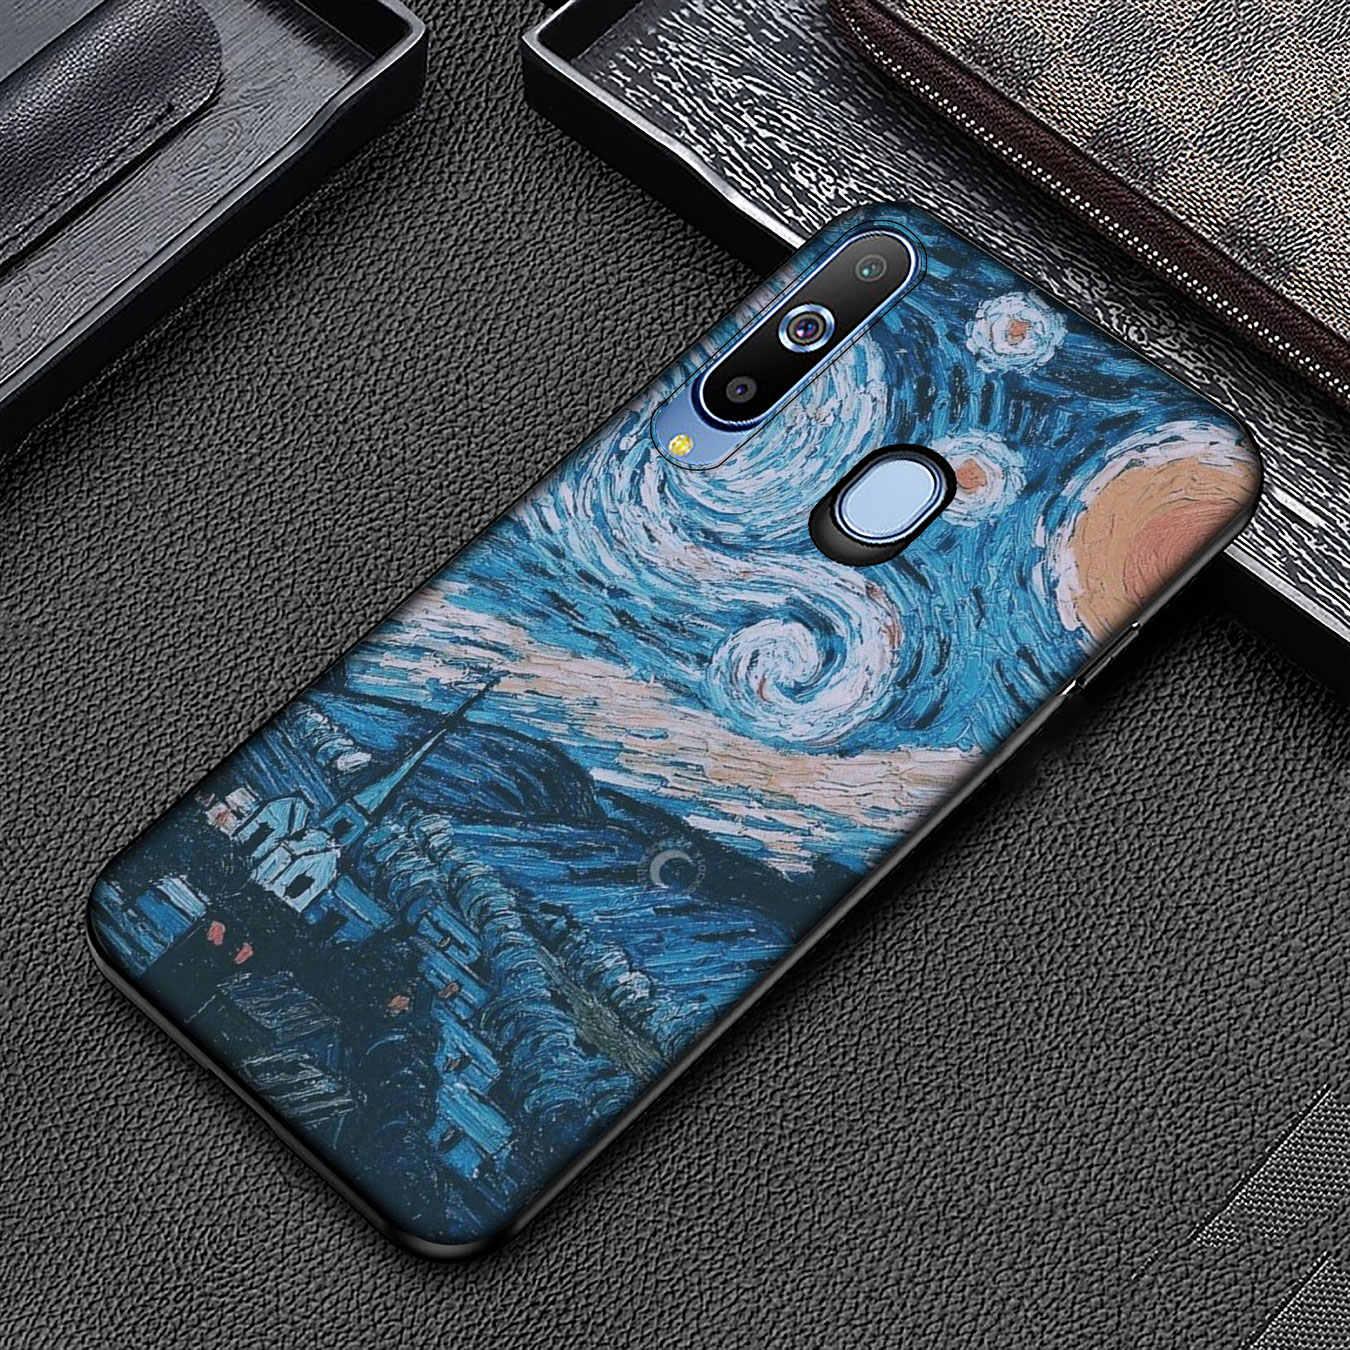 Vintage David Art miękkiego silikonu etui na telefony do Samsung Galaxy A6 Plus A9 A8 A7 2018 A3 A5 2016 2017 uwaga 9 8 10 okładka